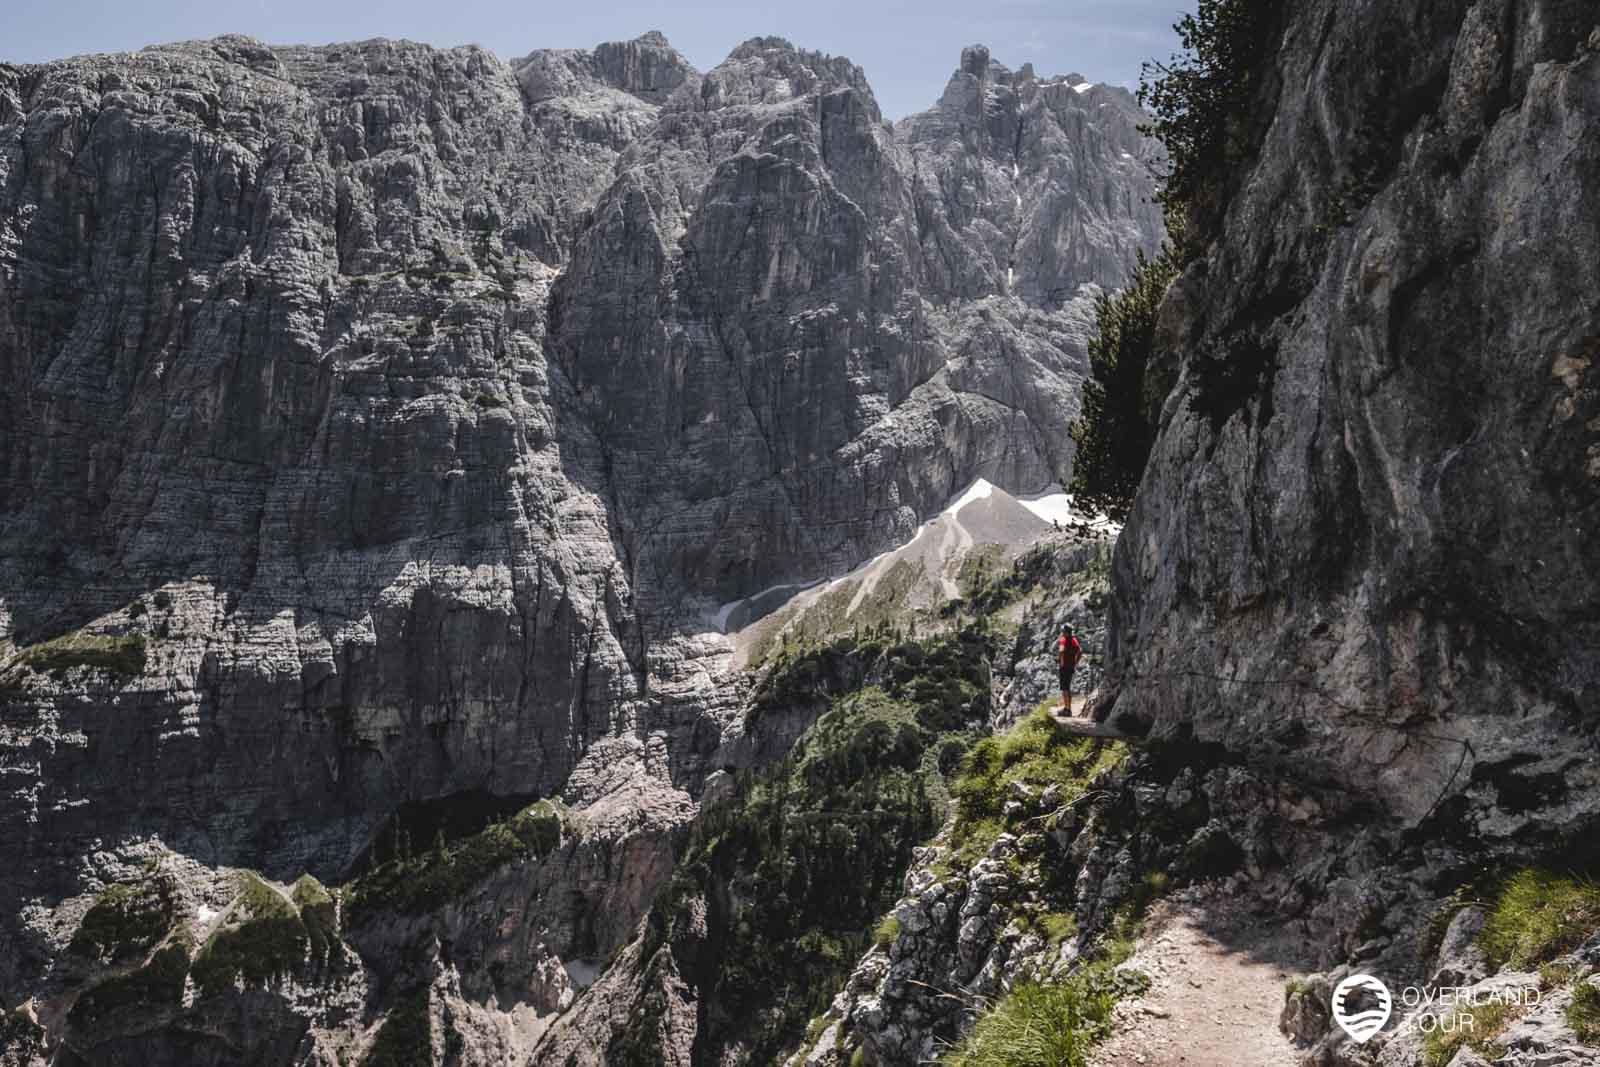 Ich genieße die Aussicht, aber hier ist der Weg recht schmal und Wanderer mit Höhenangst könnten Probleme bekommen